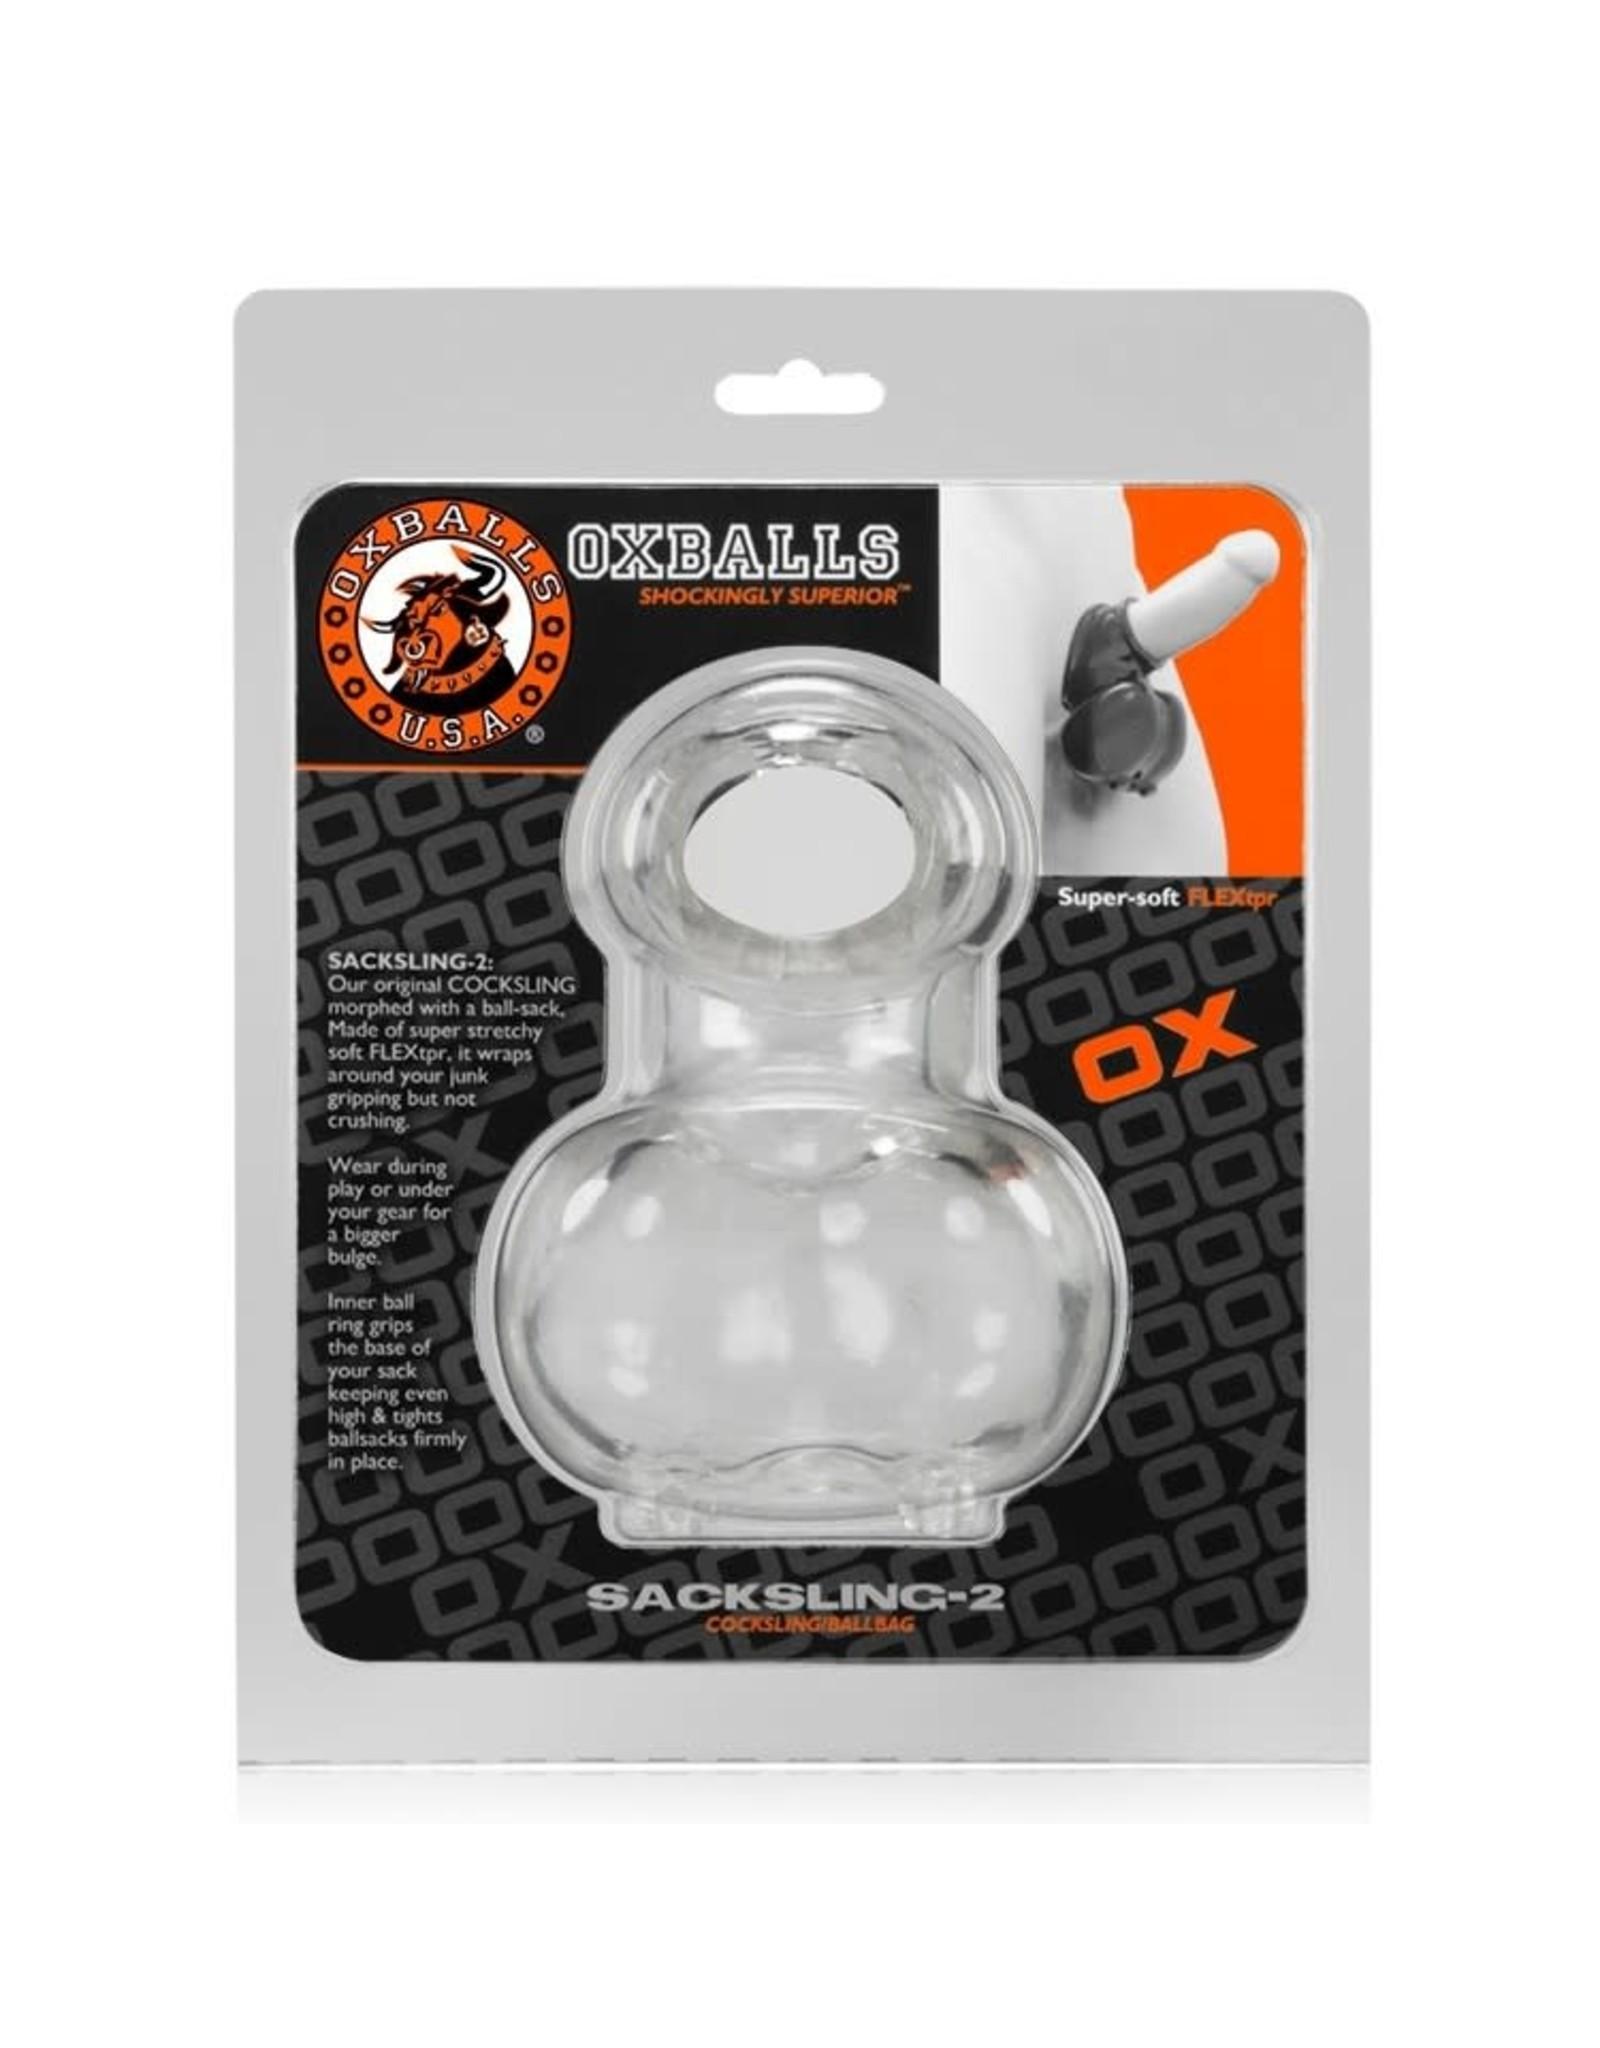 Oxballs OxBalls Sacksling 2 Ballsack/Sling